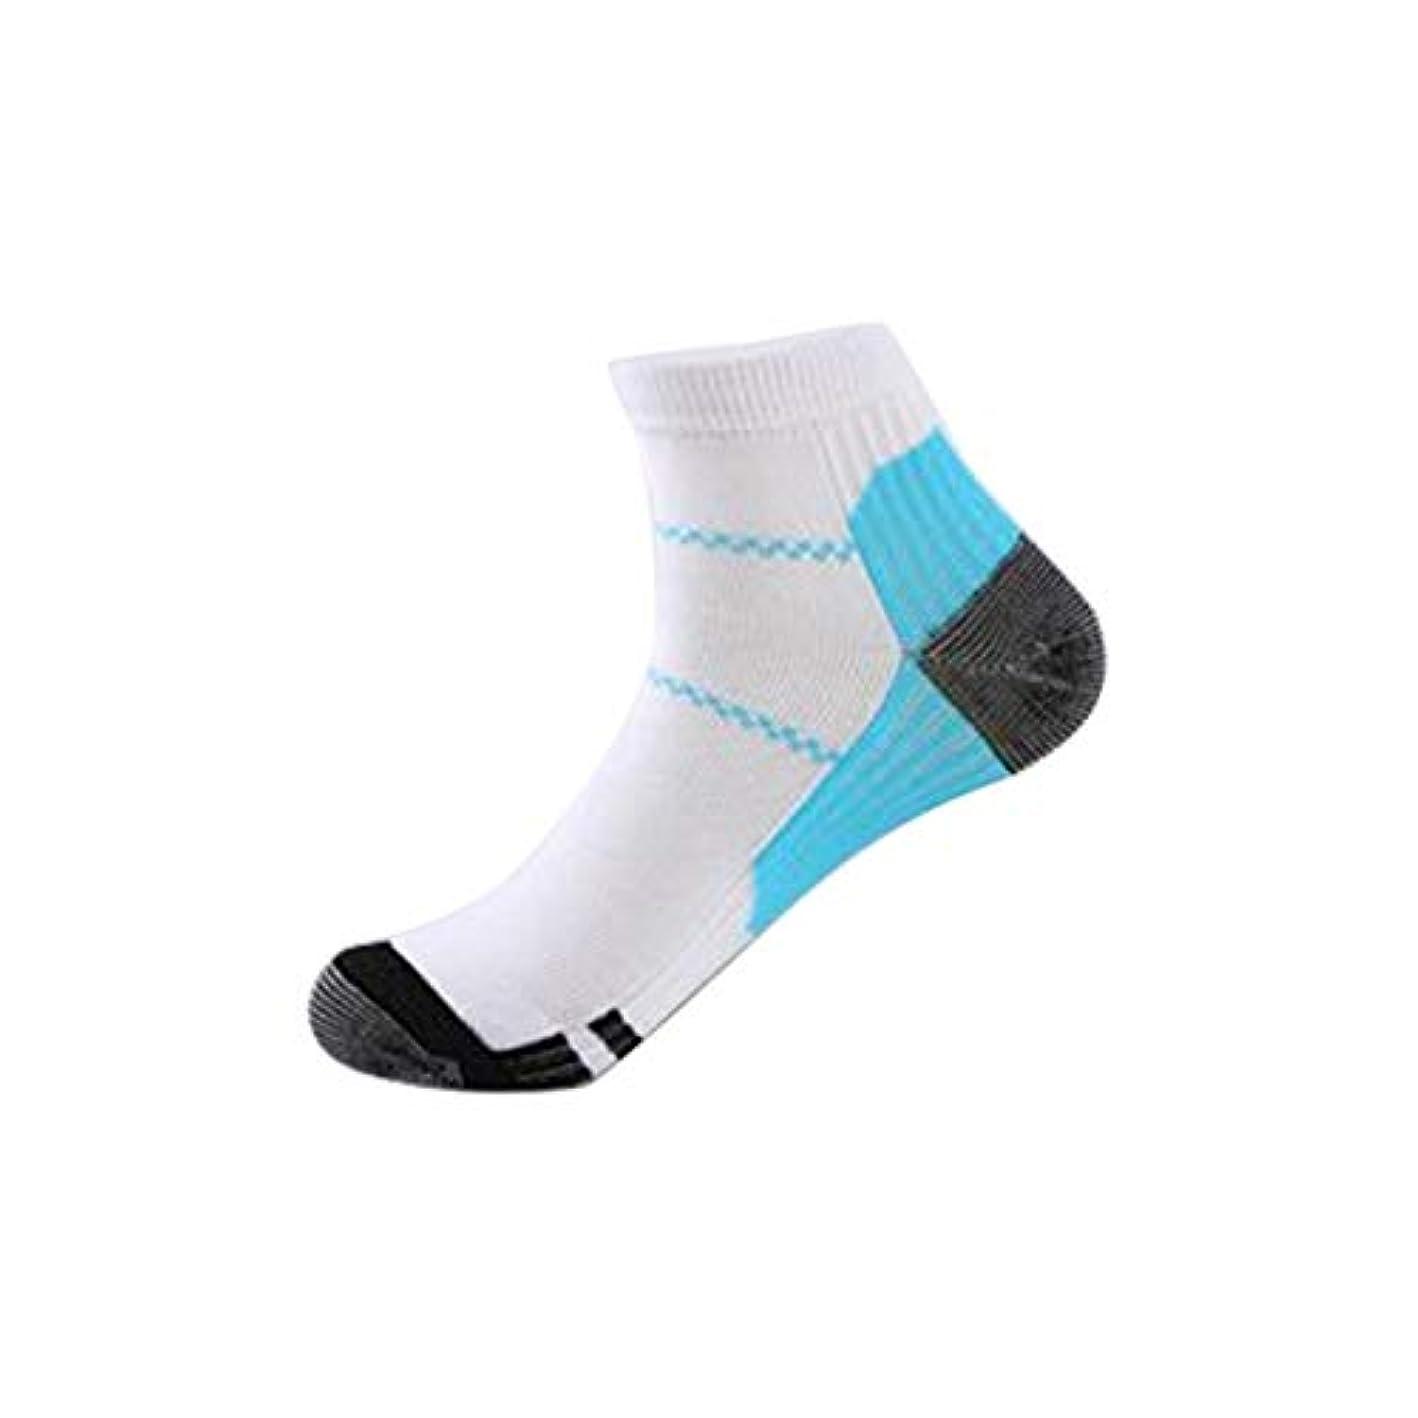 気質オーバーヘッド空丈夫な男性女性プロの圧縮靴下通気性のある旅行活動看護師用シントスプリントフライトトラベル - 肌色